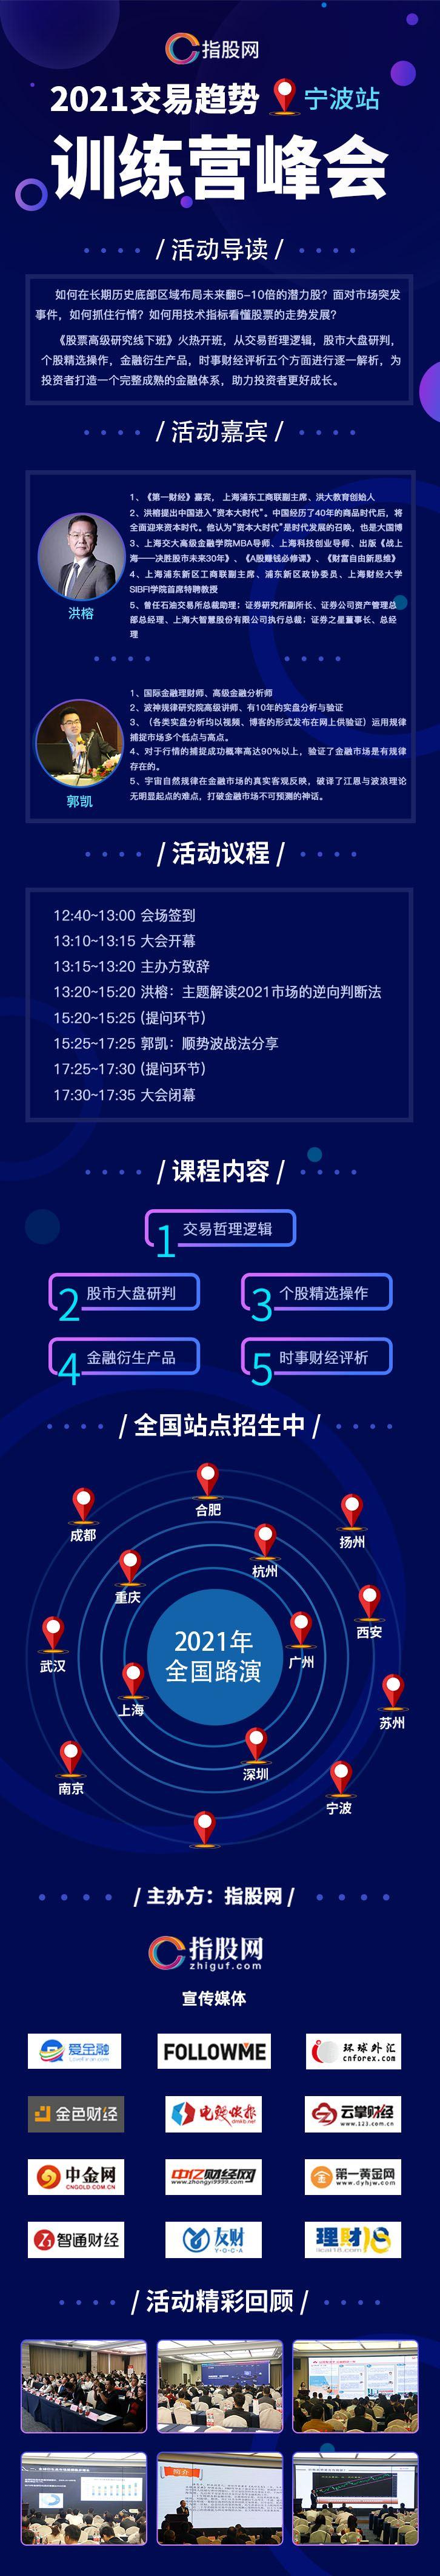 宁波站股票价值投资-无二维码.jpg